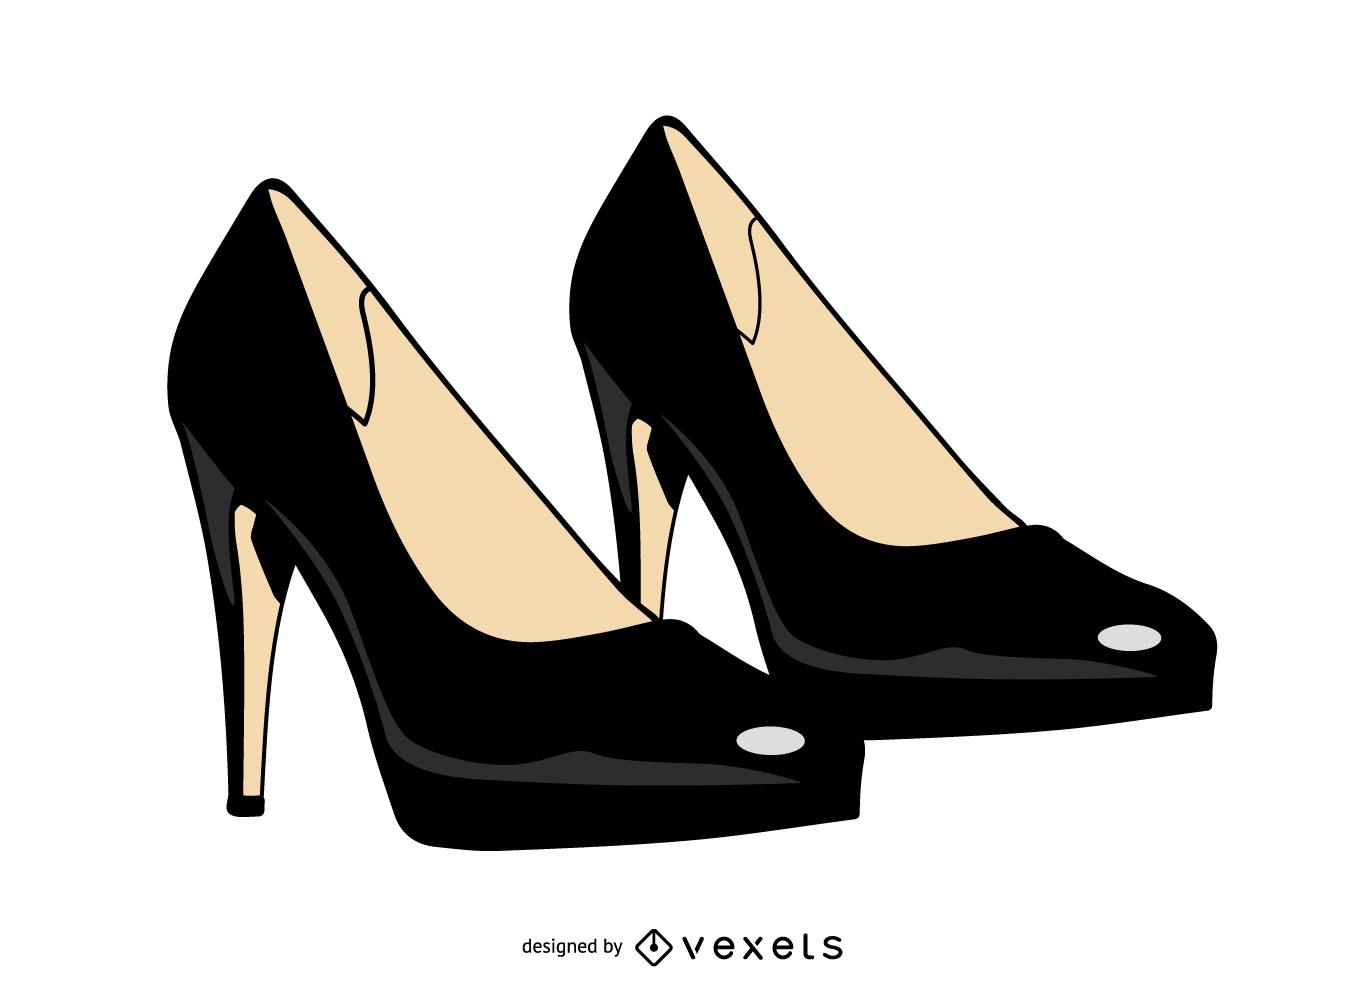 Par de sapatos femininos